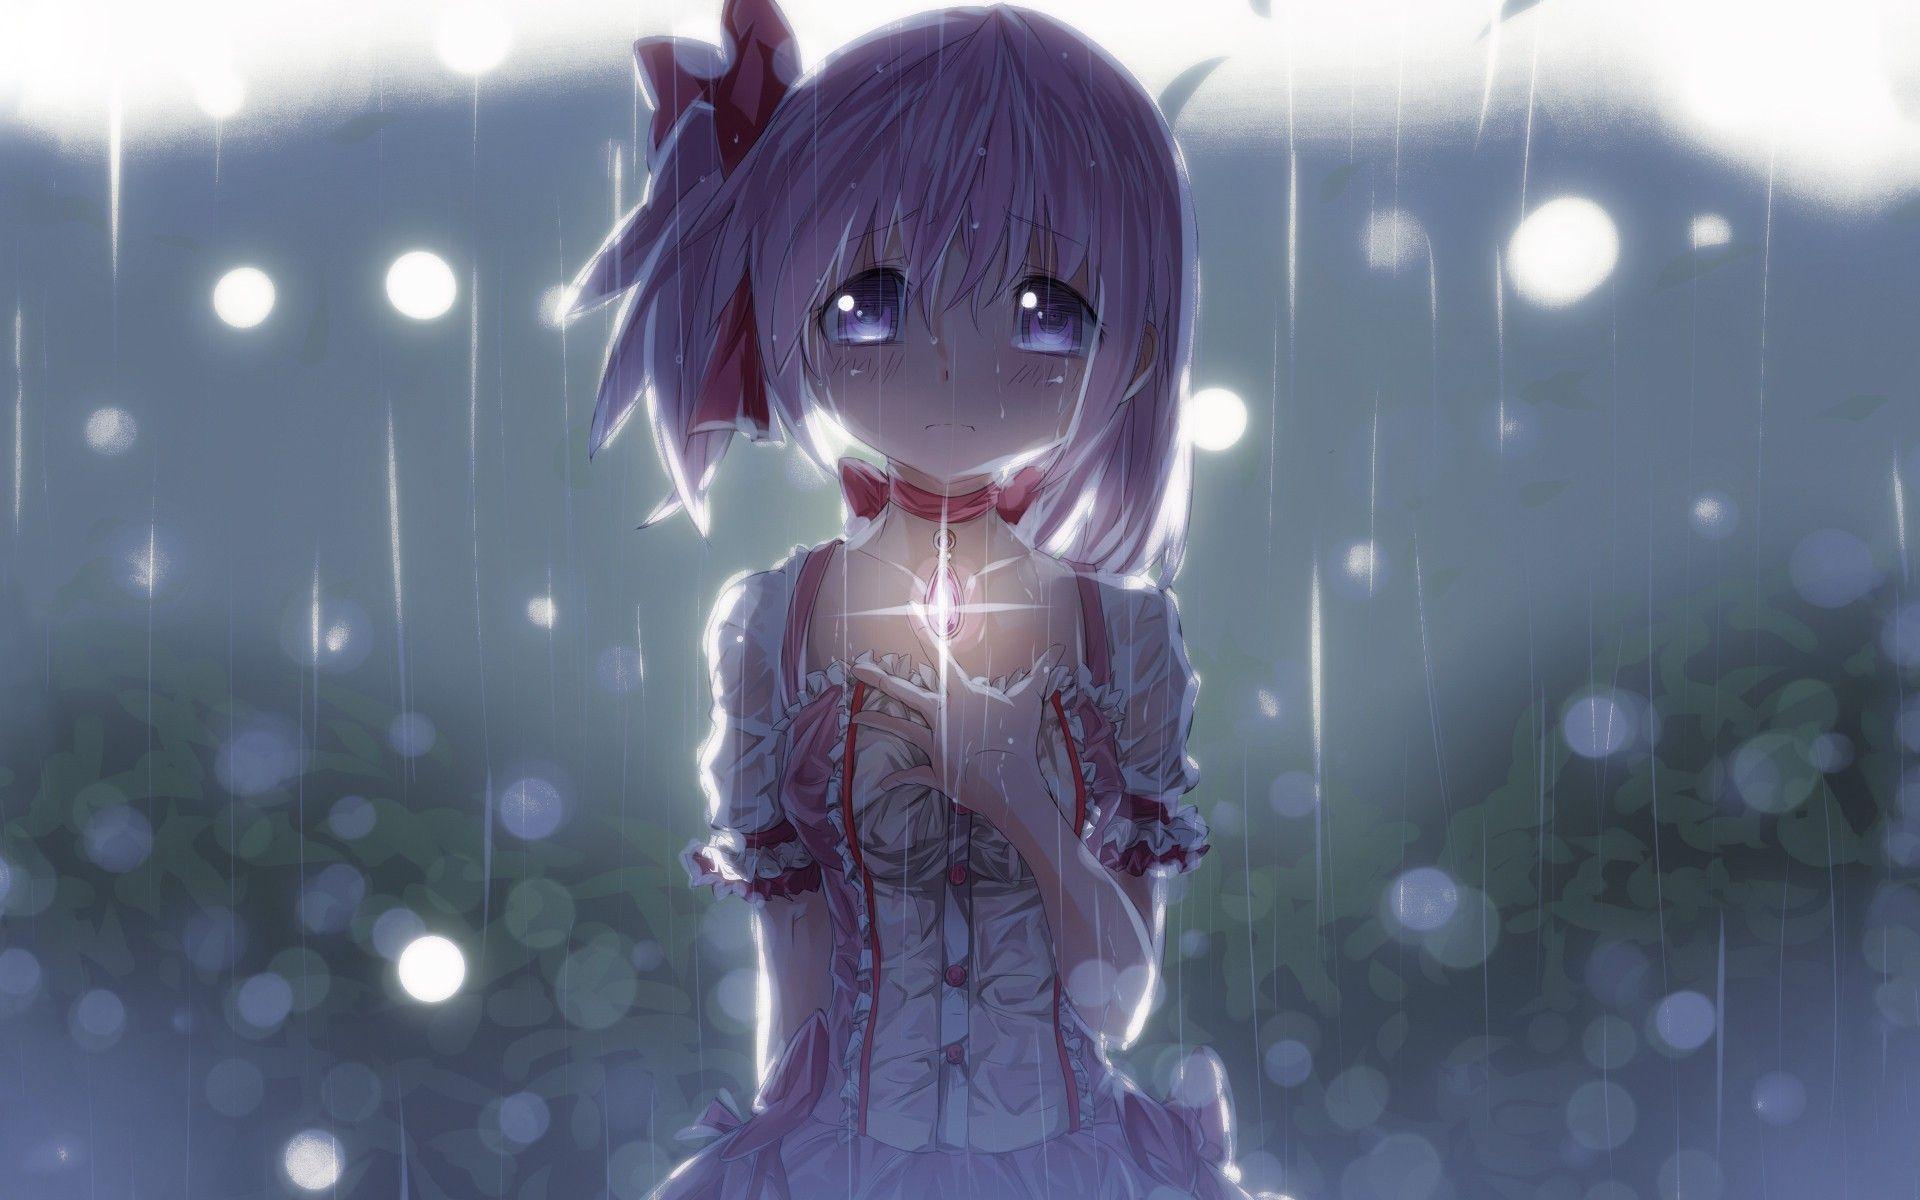 Sad Anime Wallpapers Group   Sad Anime 4695   HD Wallpaper 1920x1200